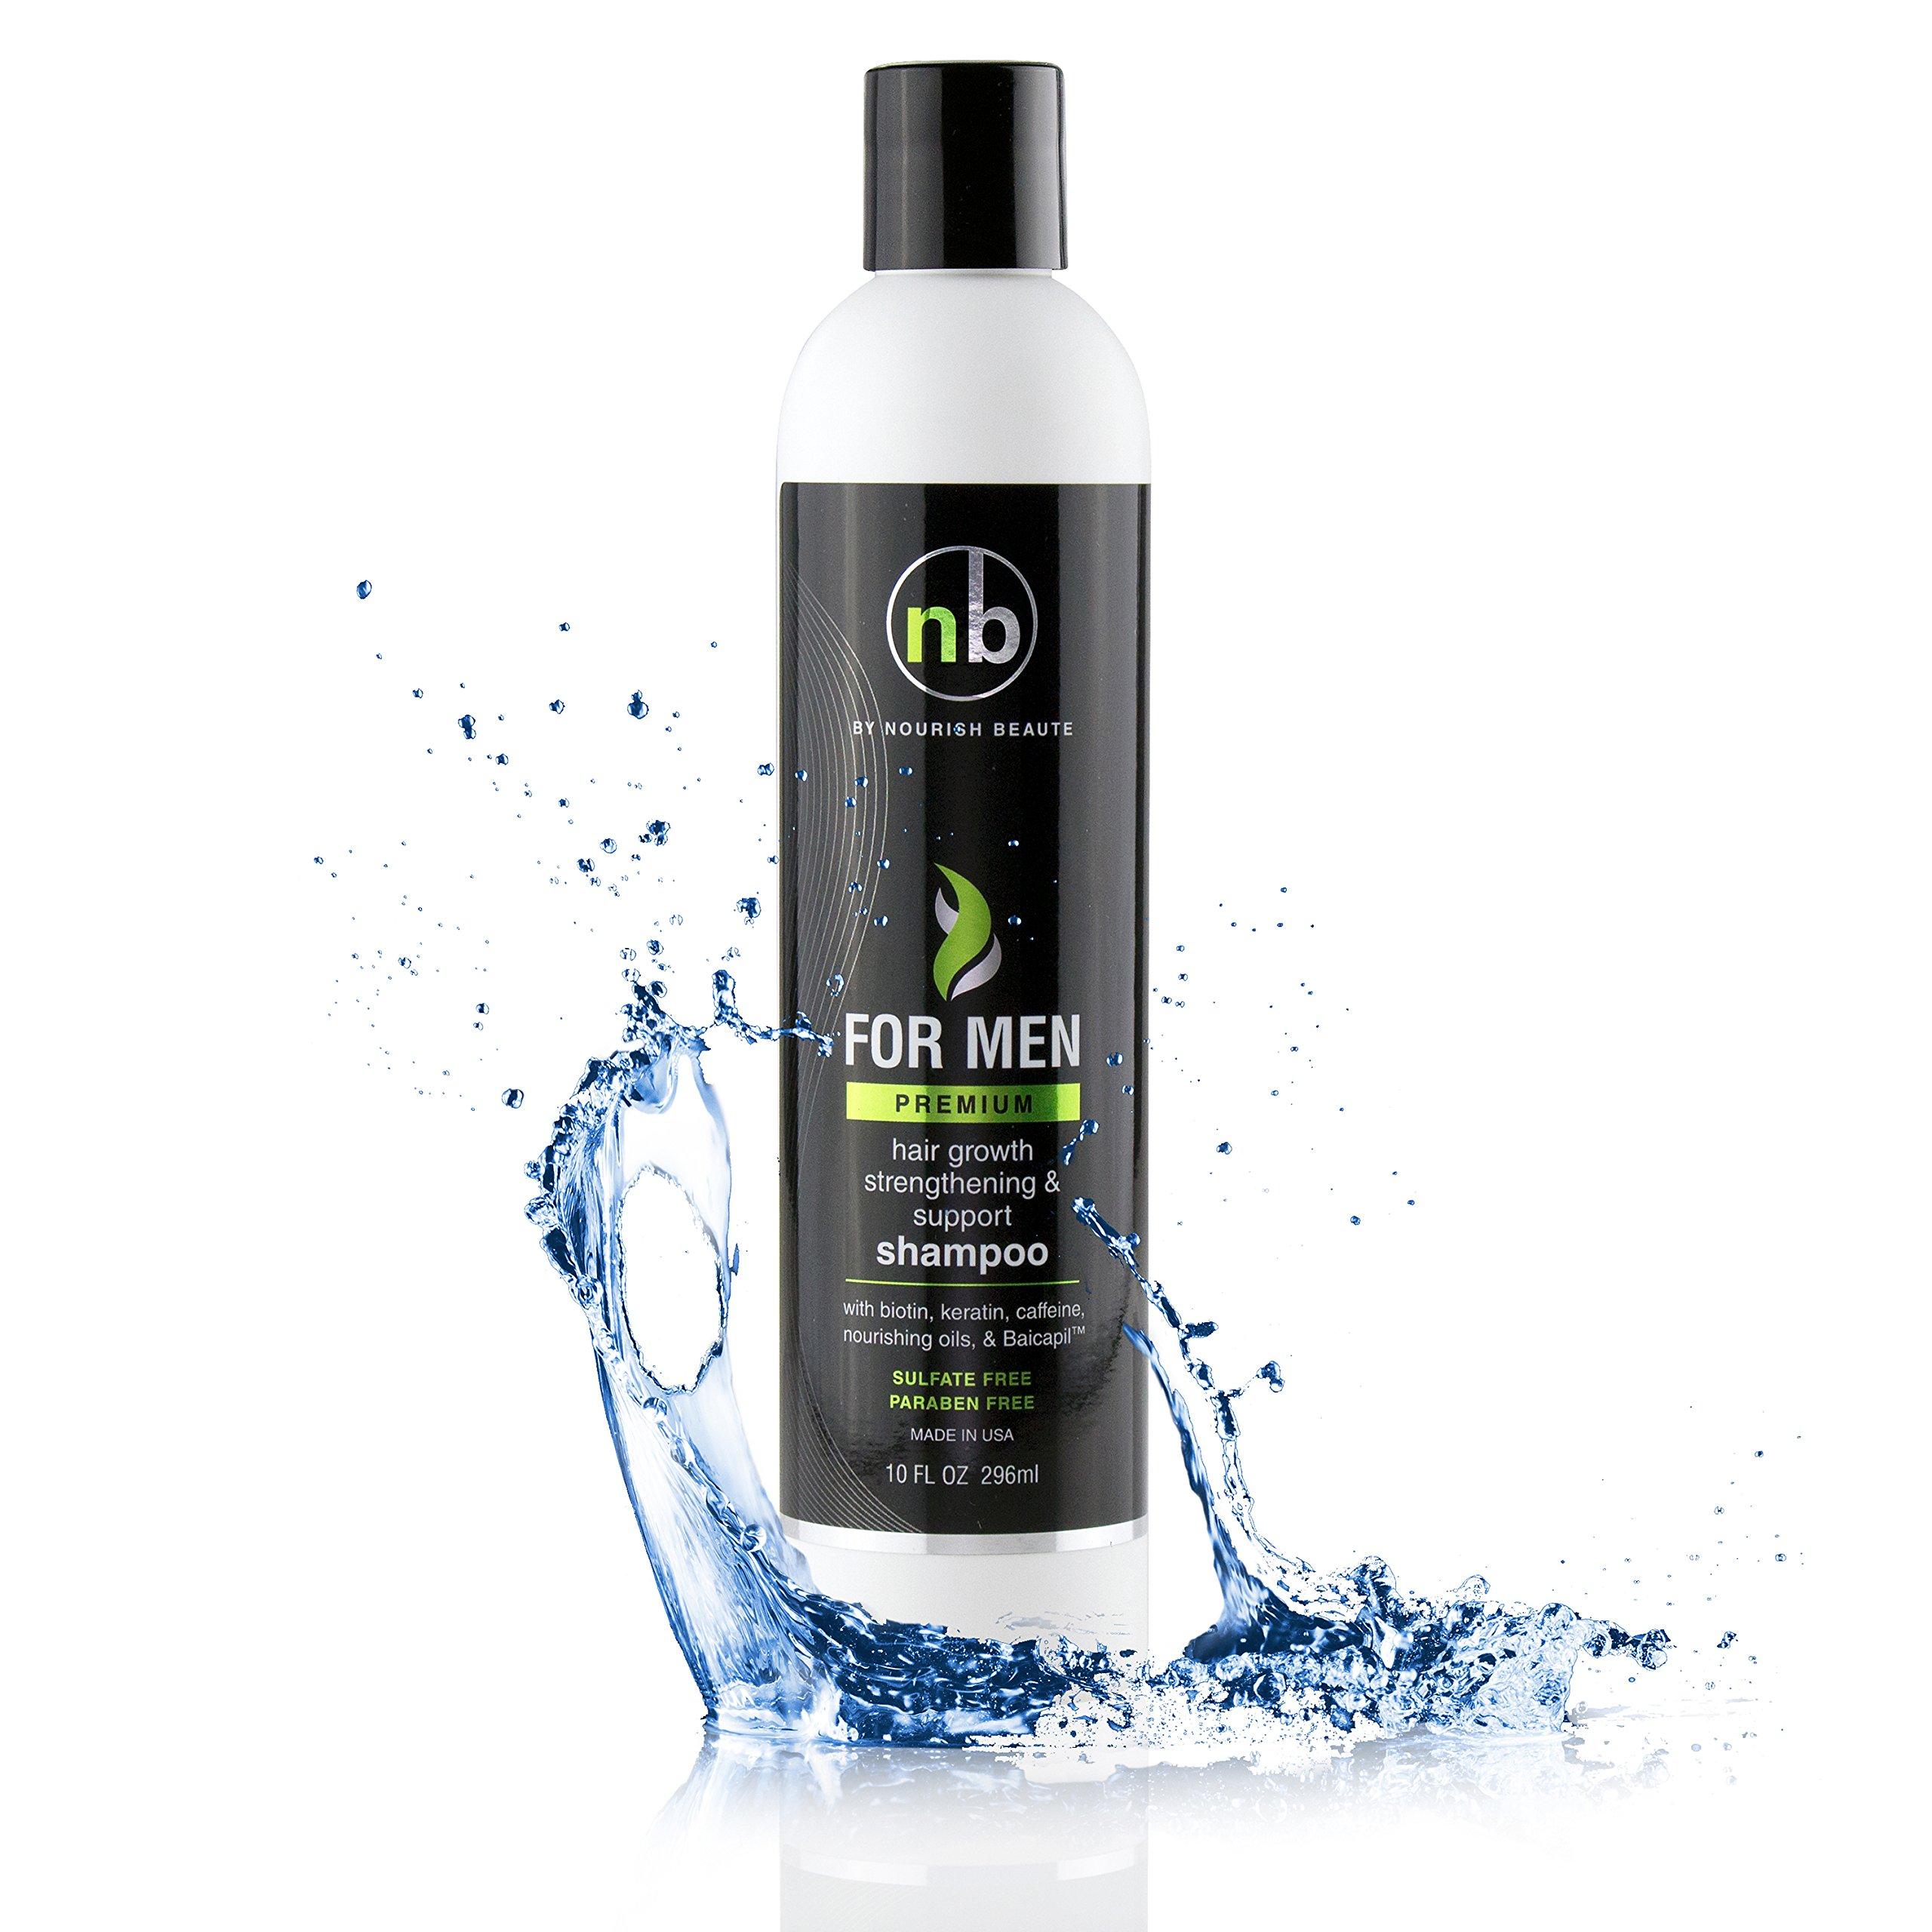 Hair Regrowth Shampoo for Men - Anti Hair Loss Shampoo - Vitamins Hair Growth Support Shampoo (Premium)